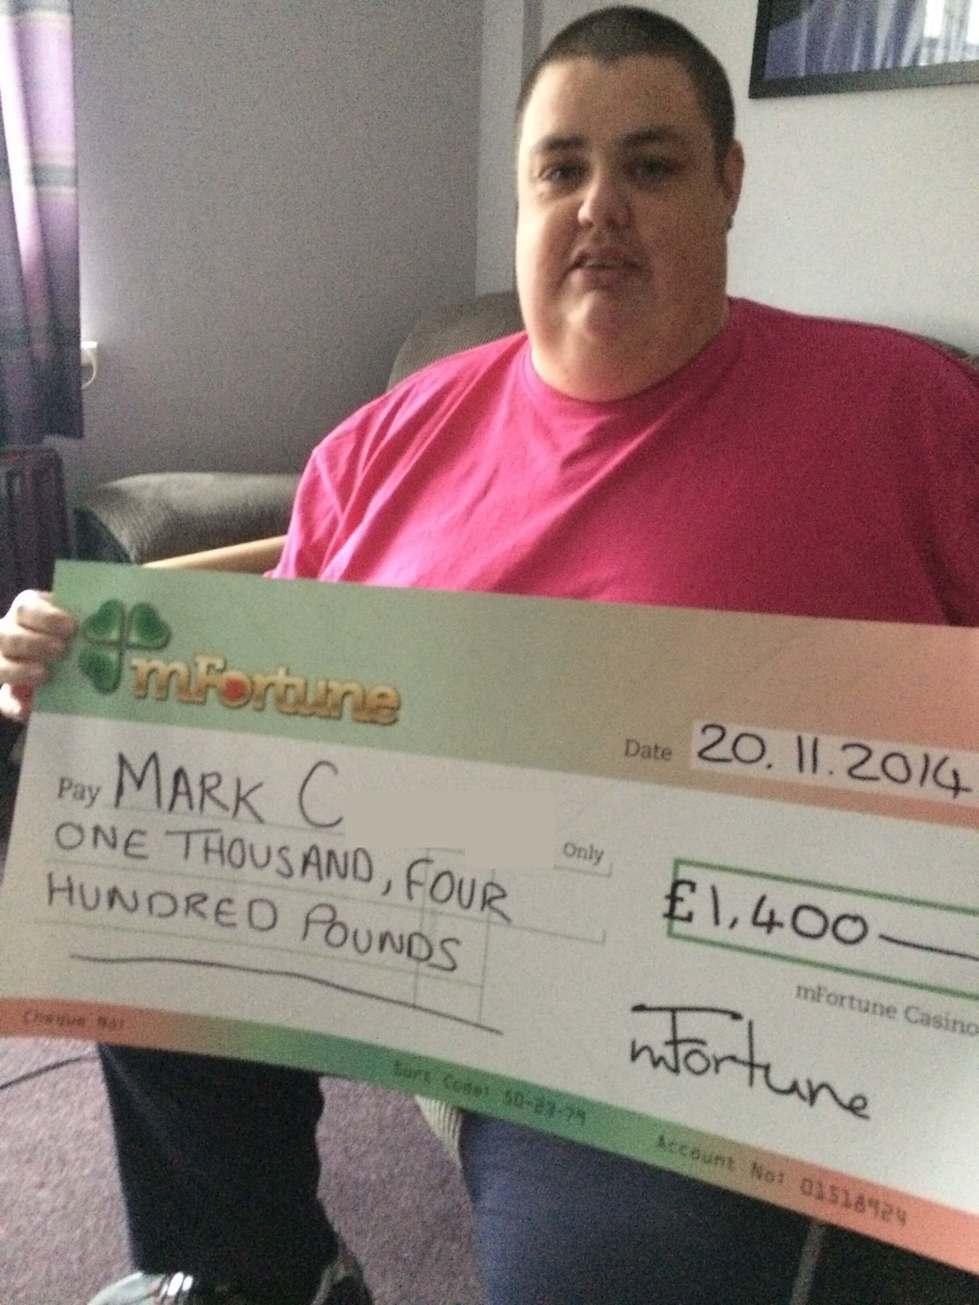 Mark C won £ 1,400